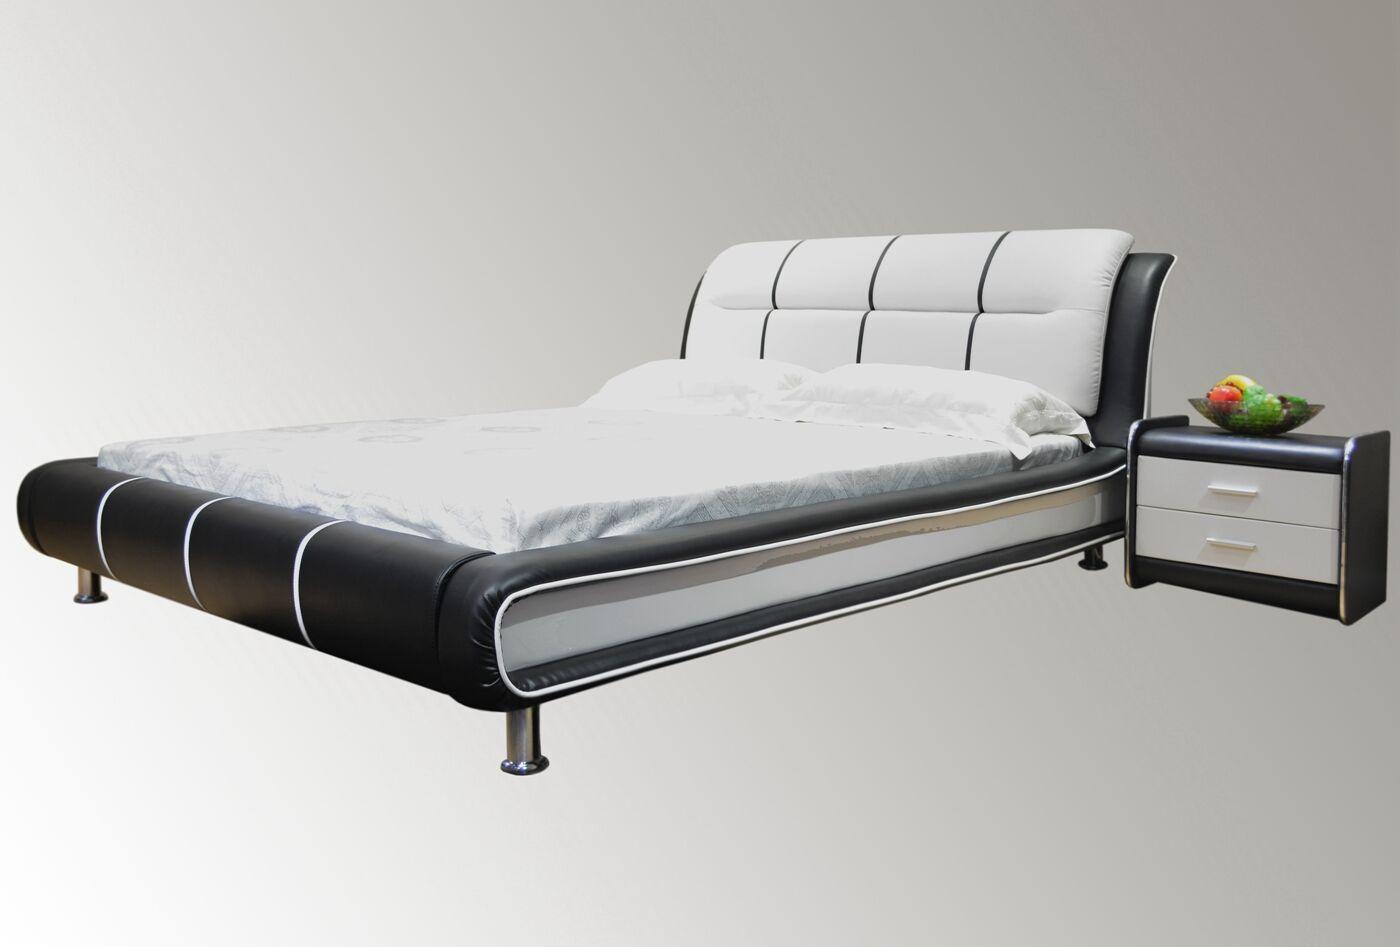 Bovina Upholstered Platform Bed Size: King, Color: Black / White